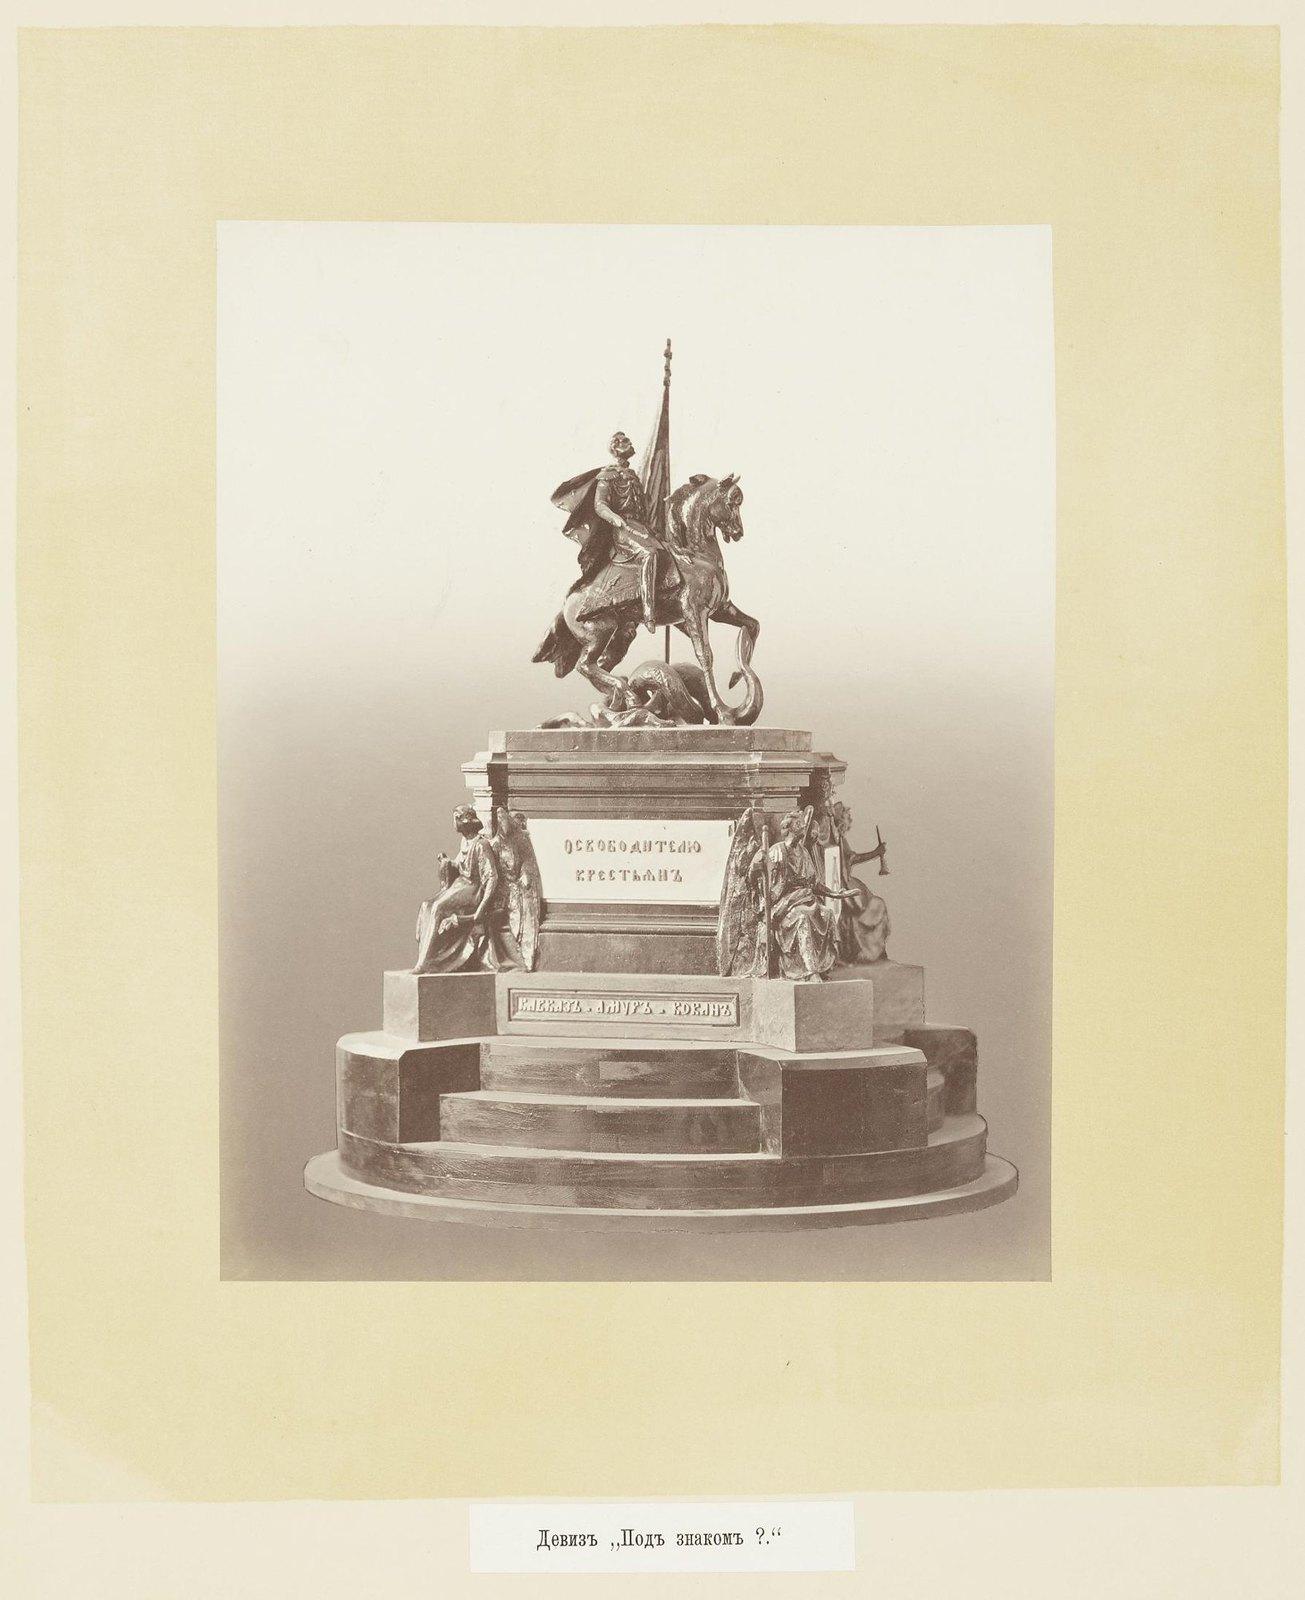 1882. Конкурсный проект памятника императору Александру II «Освободителю крестьян» Первый конкурс